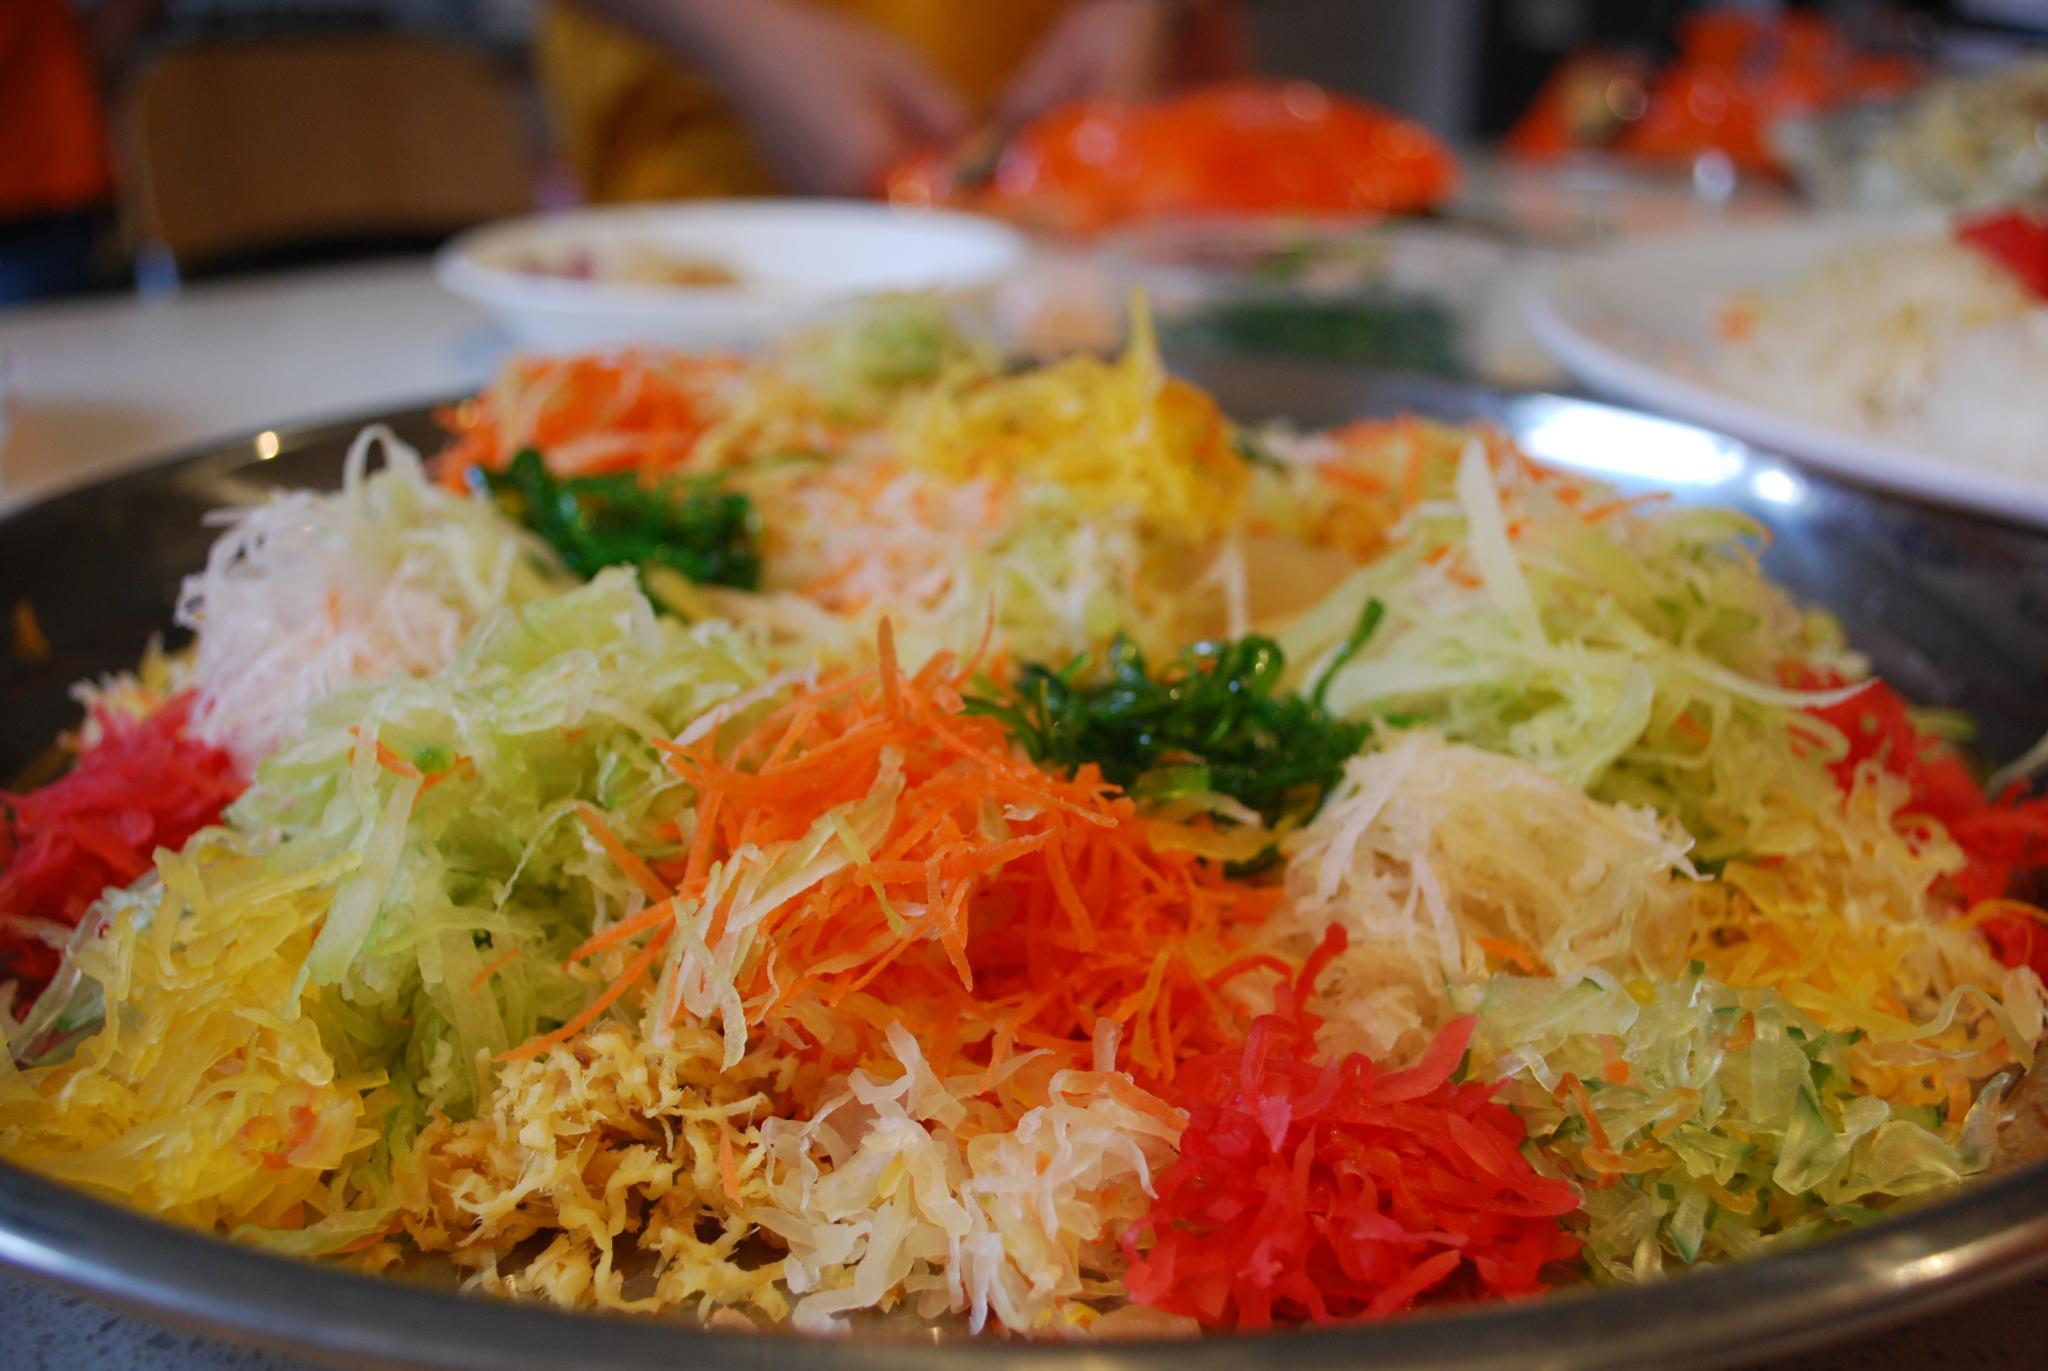 Shredded vegetables - Aunt Lay Leong's Yu Sheng - Alpha's arrangement